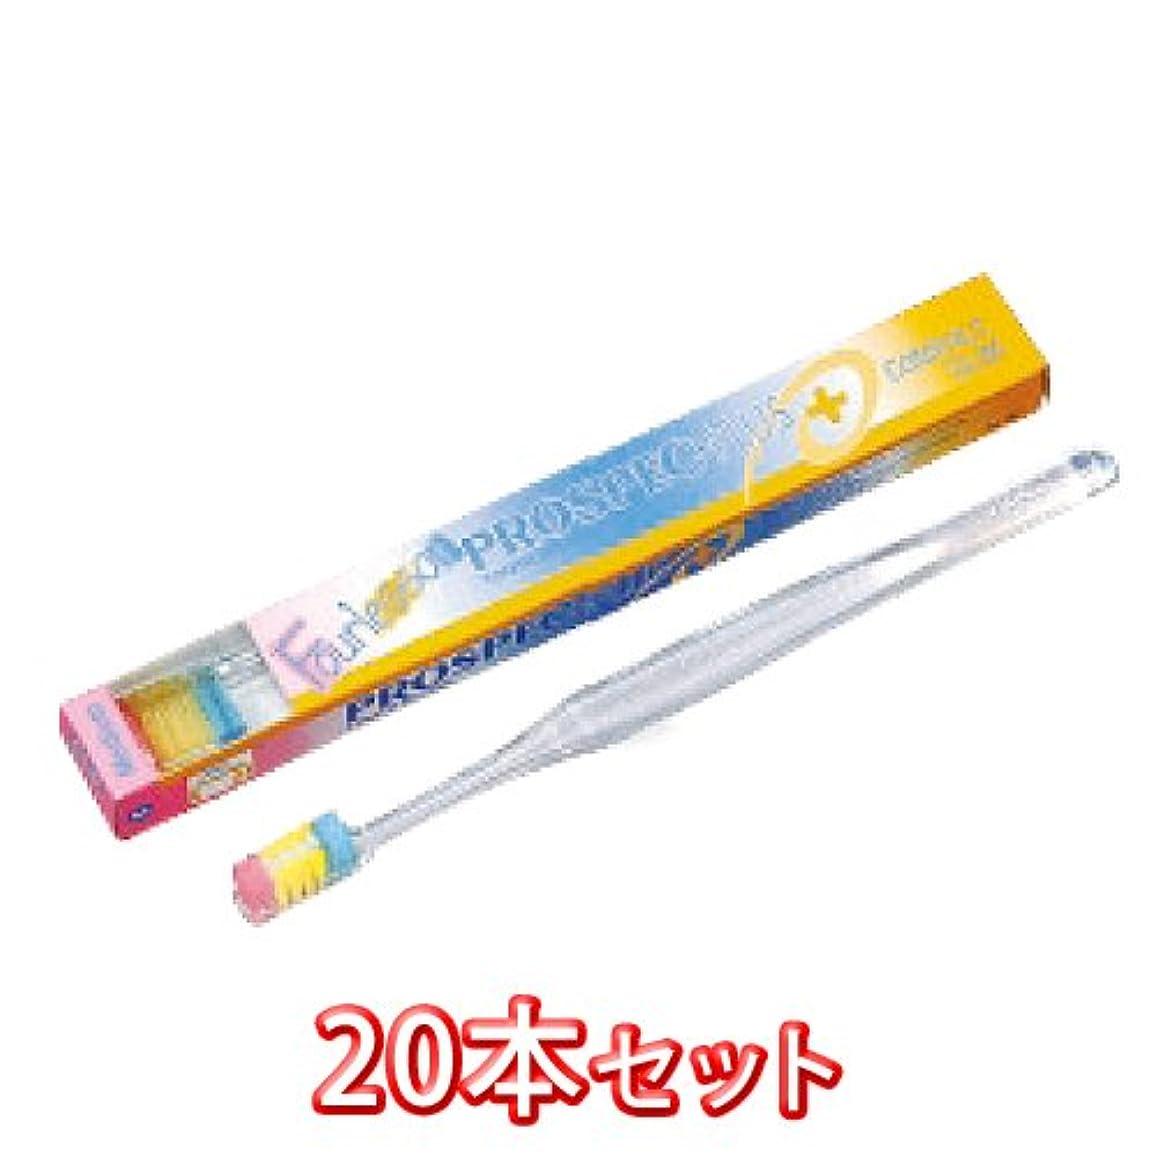 溶けたと組むマリナープロスペック 歯ブラシ コンパクトスリム 20本入 フォーレッスン 毛の硬さ ふつう